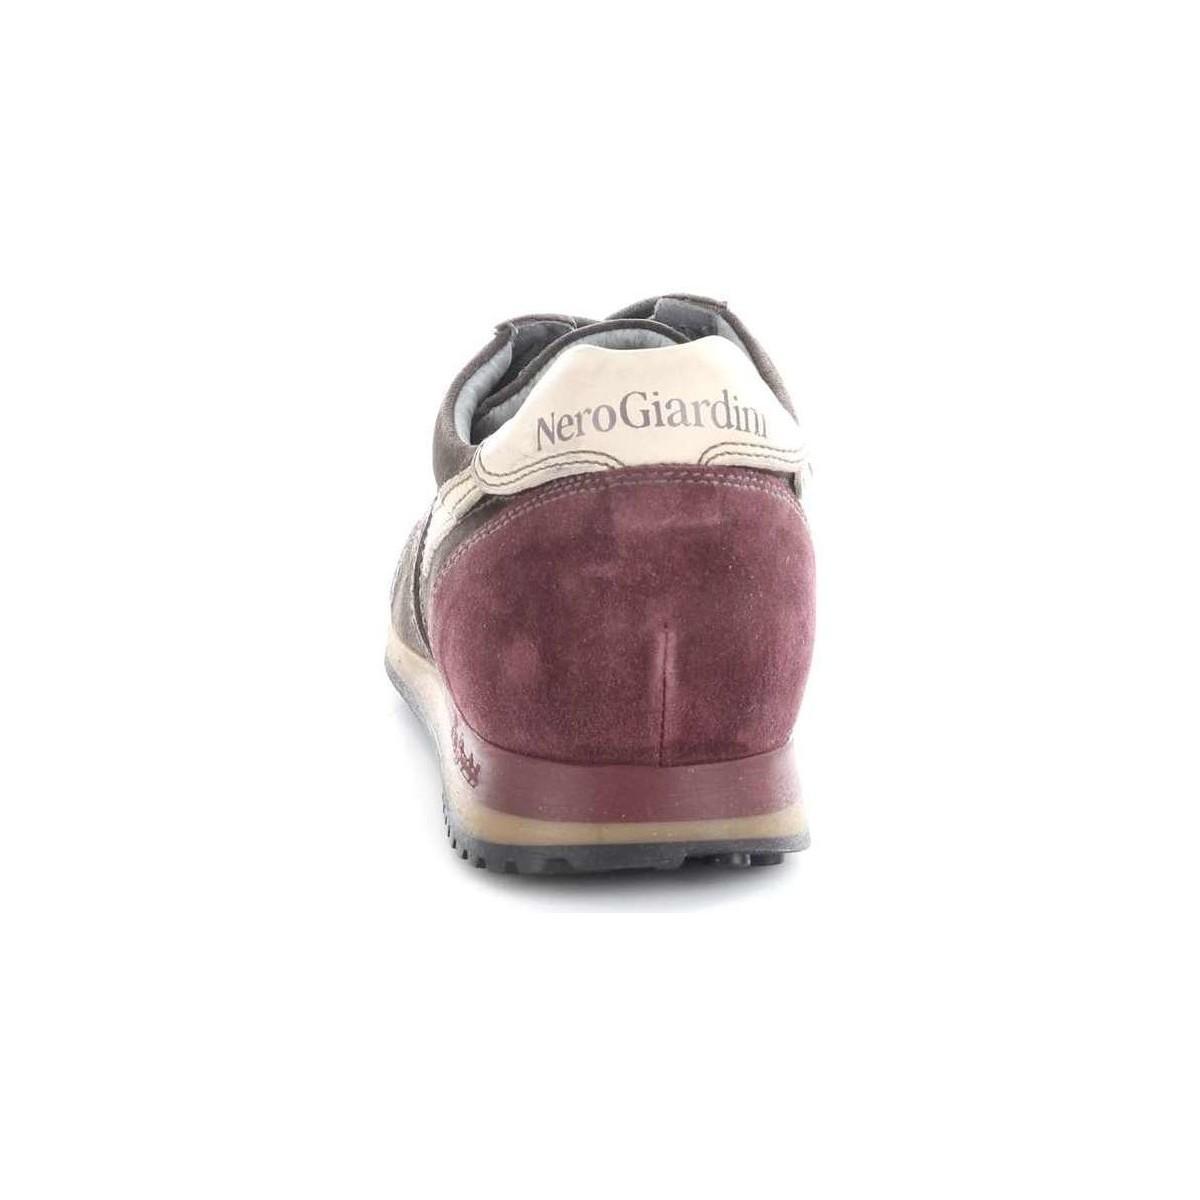 A604470U Chaussures Nero Giardini pour homme en coloris Gris